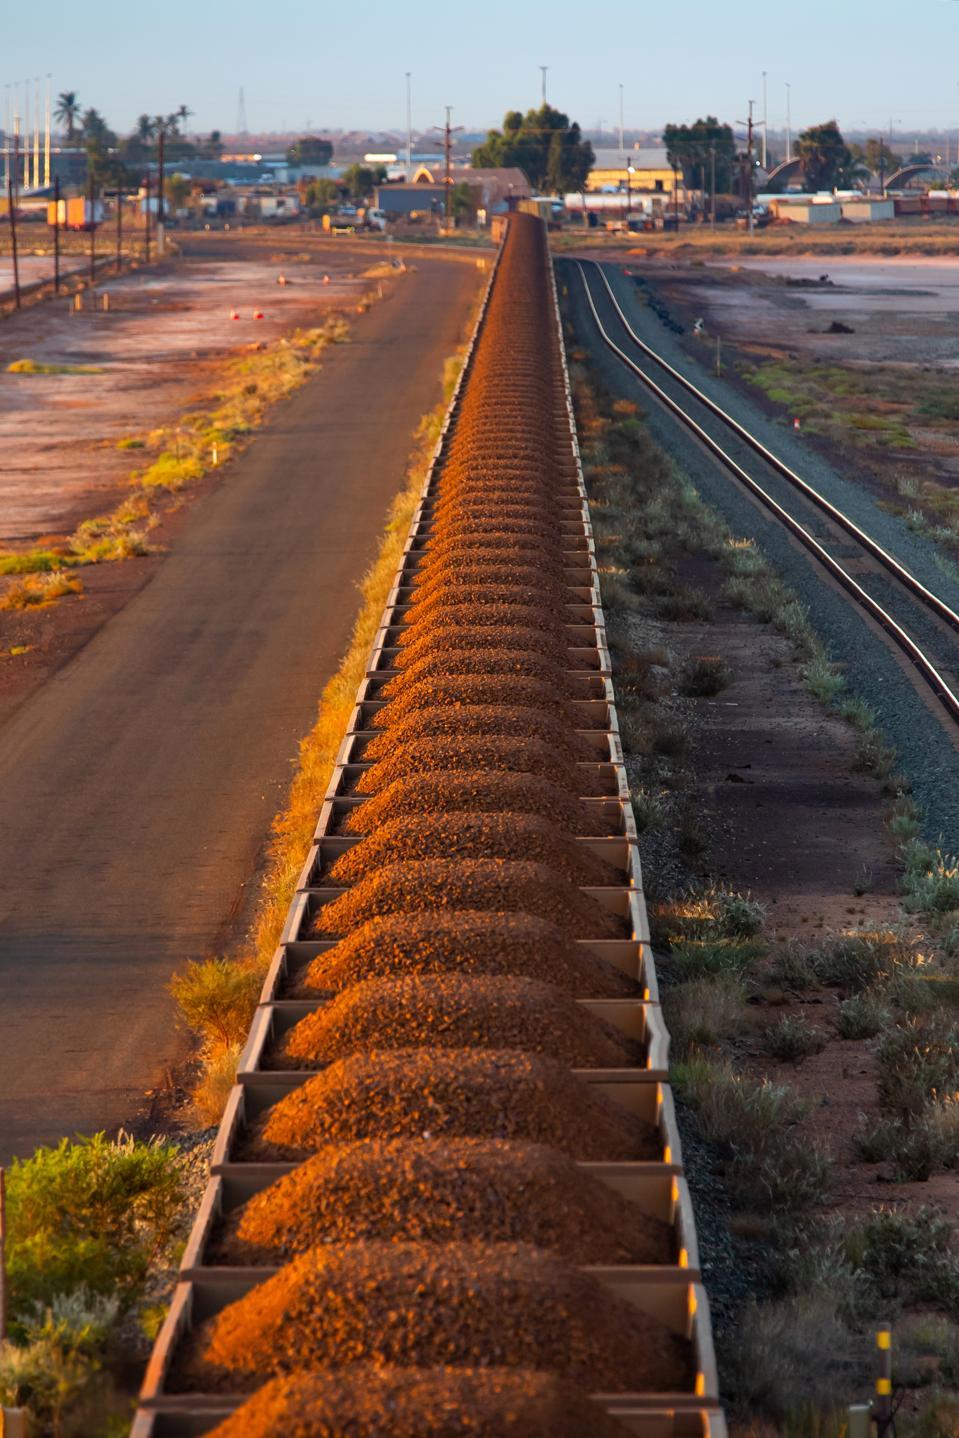 AUSTRALIA PORT HEDLAND HAULAGE 2